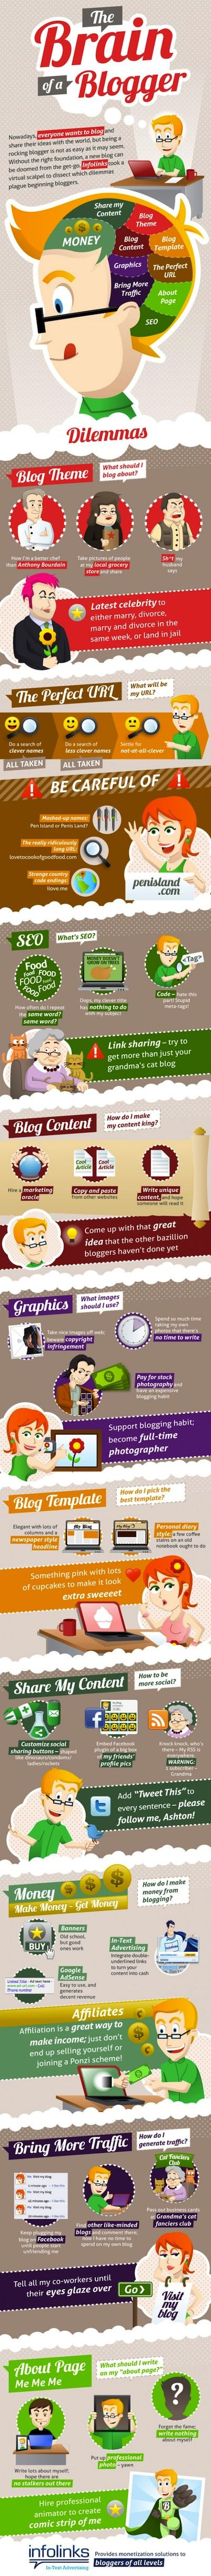 Le cerveau d'un blogeur